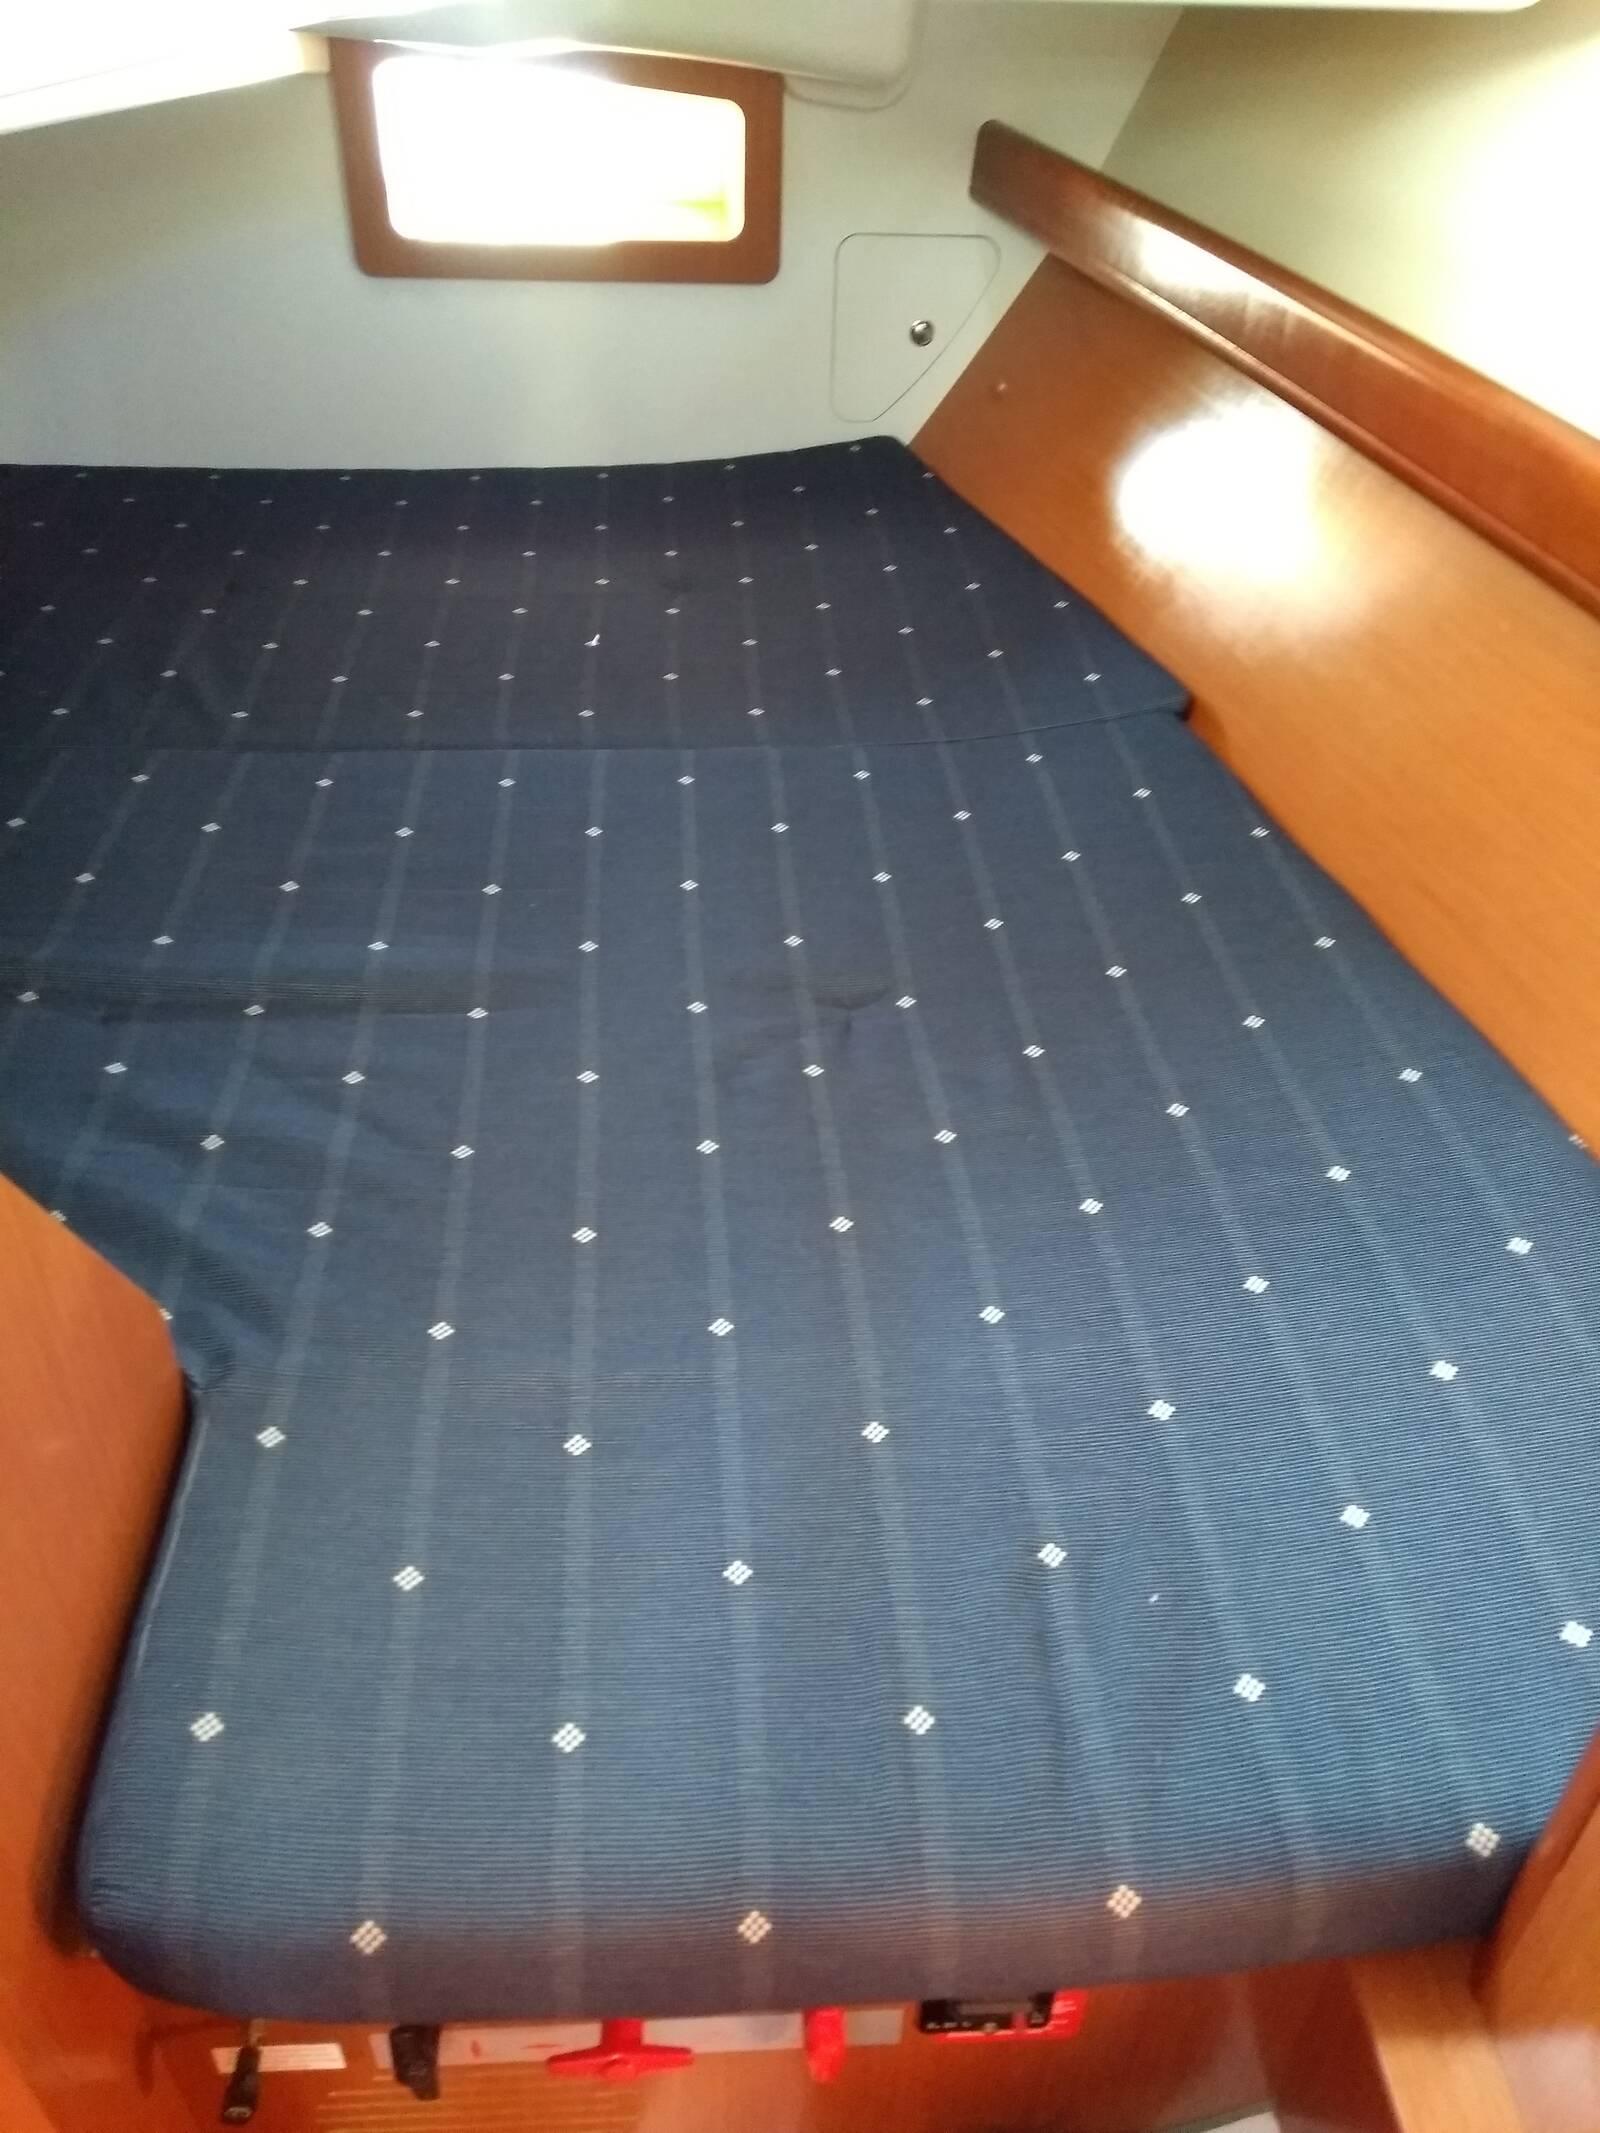 Beneteau Oceanis 343 aft cabin